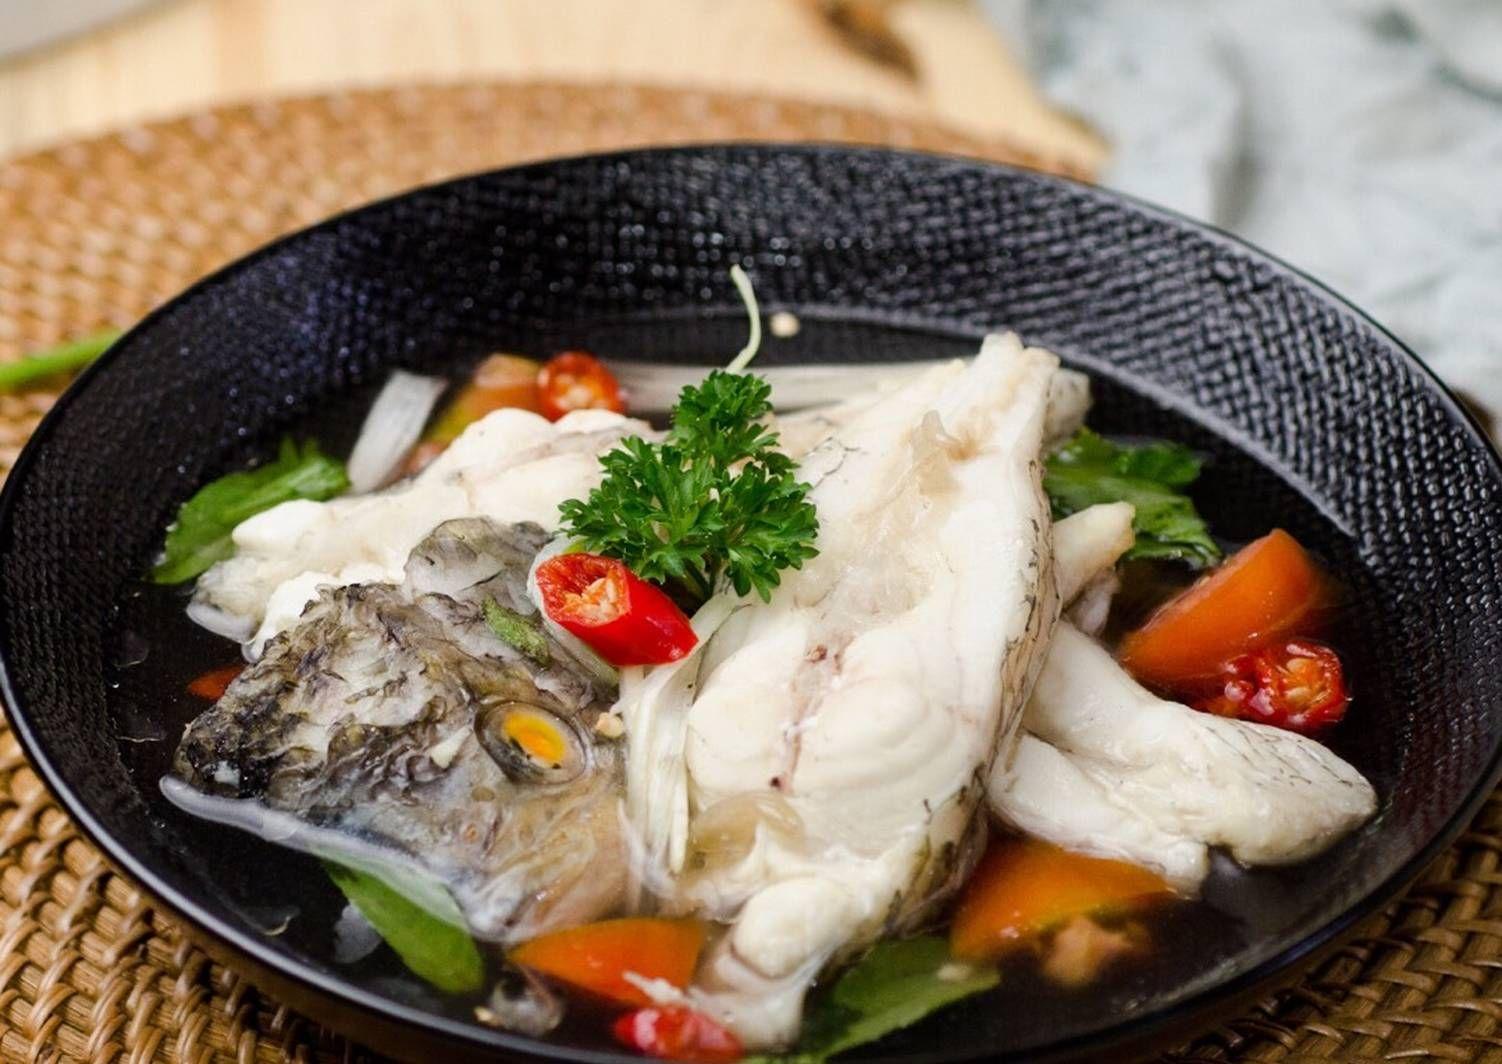 Resipi Rebus Sihat Dan Baik Untuk Yang Sedang Diet Tetapi Sangat Berbahaya Sebab Kalau Sudah Makan Boleh Terlupa Sudah M Halal Recipes Recipes Cooking Recipes